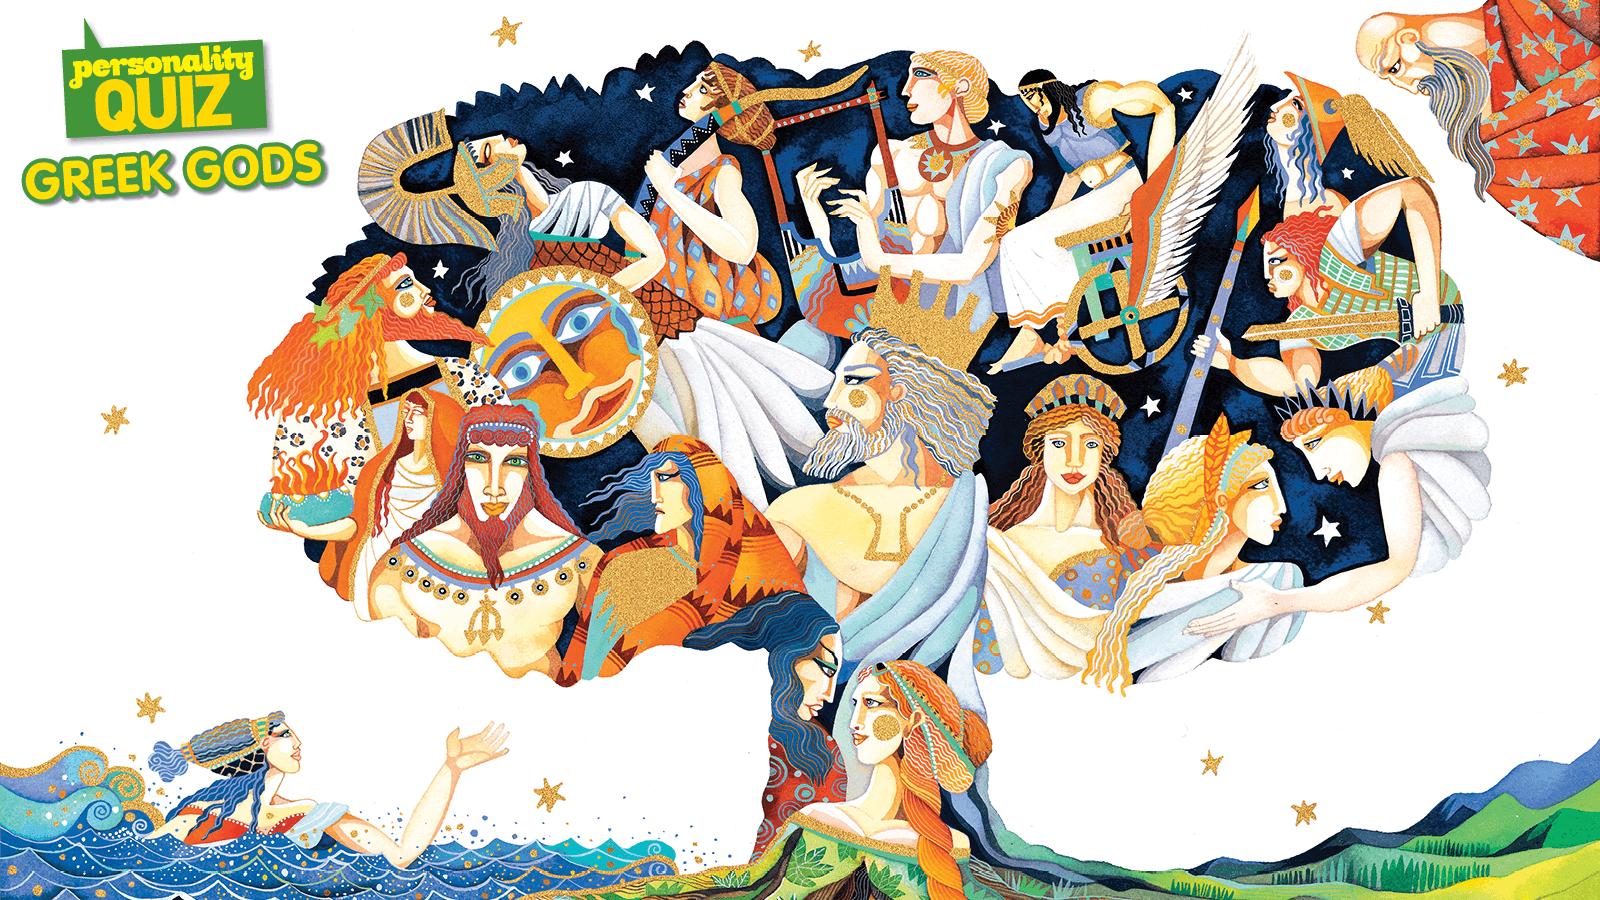 High Resolution Wallpaper | Gods 1600x900 px